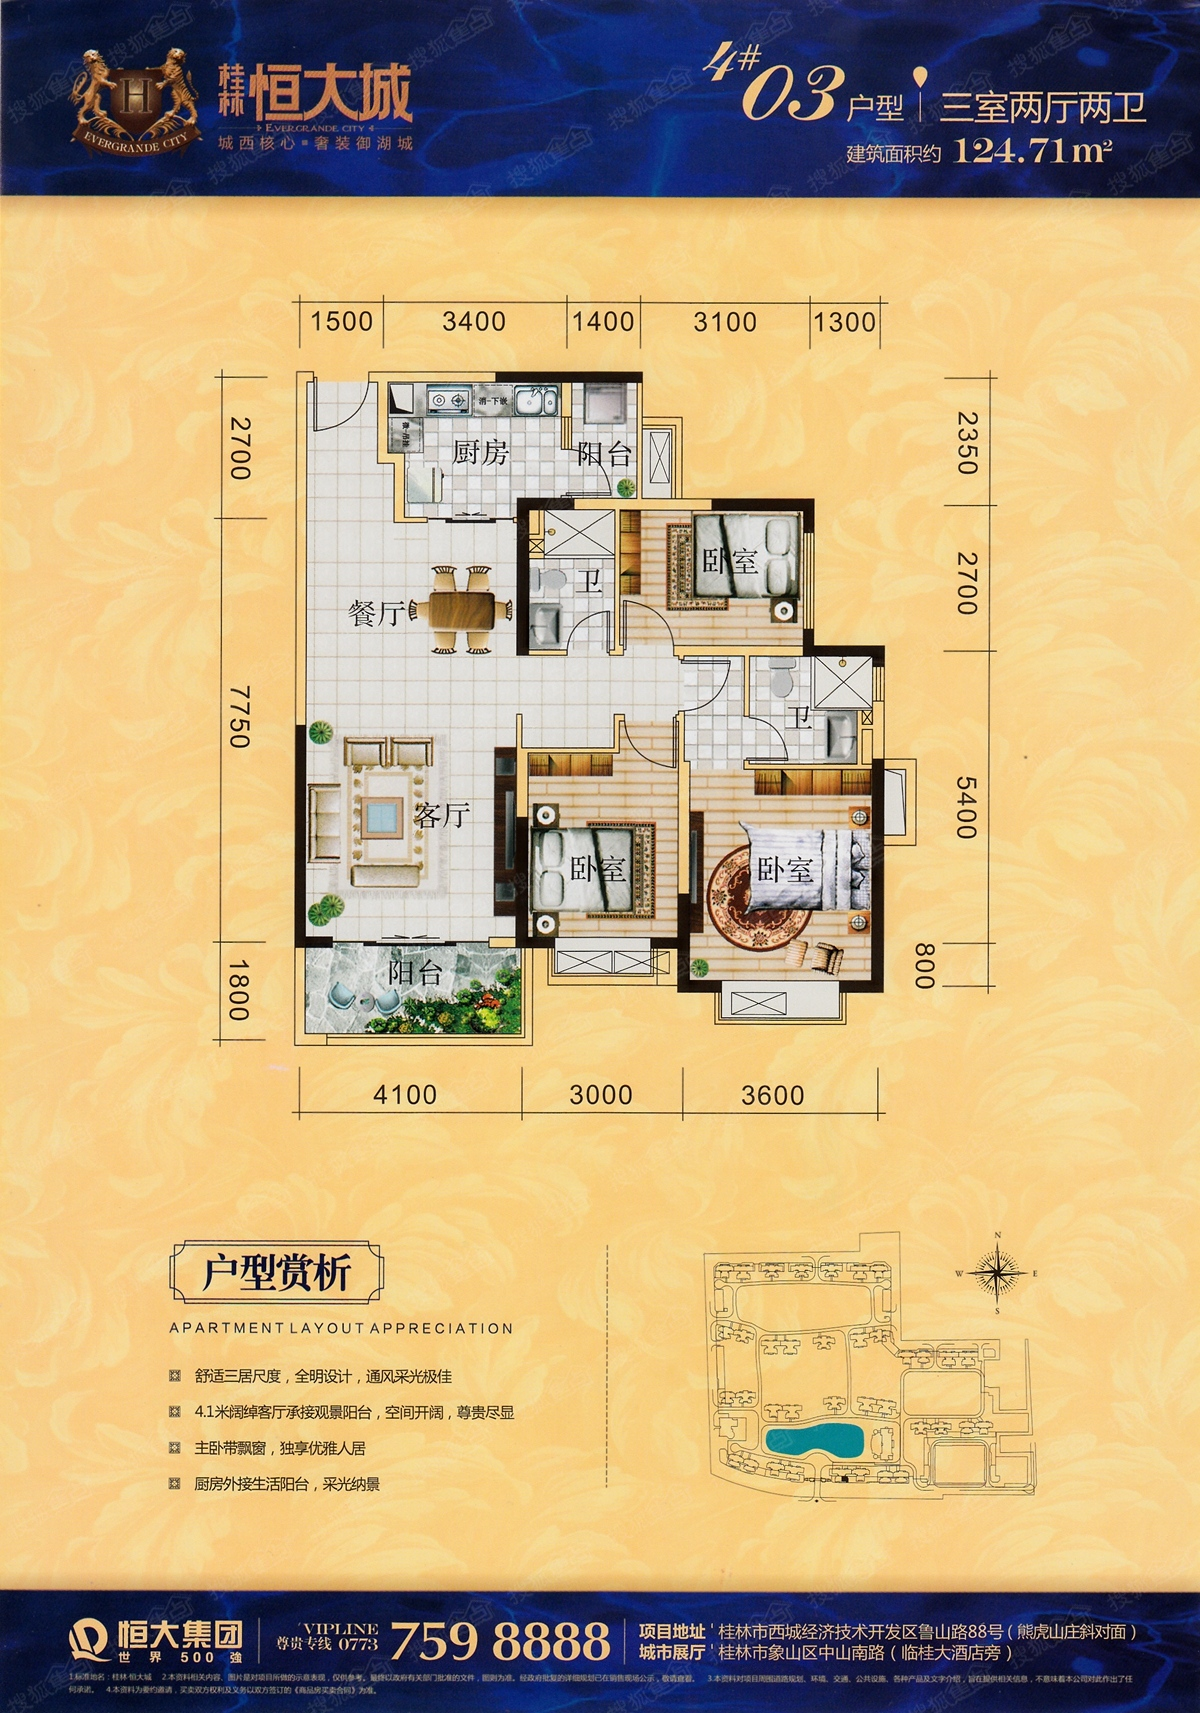 桂林恒大城三居室4#03_桂林恒大城户型图-桂林搜狐